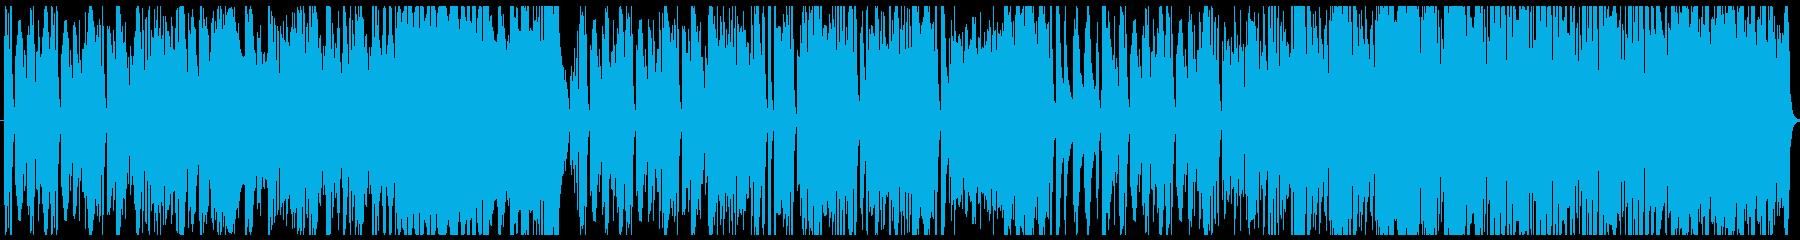 ゆったりとしたピアノ曲。の再生済みの波形